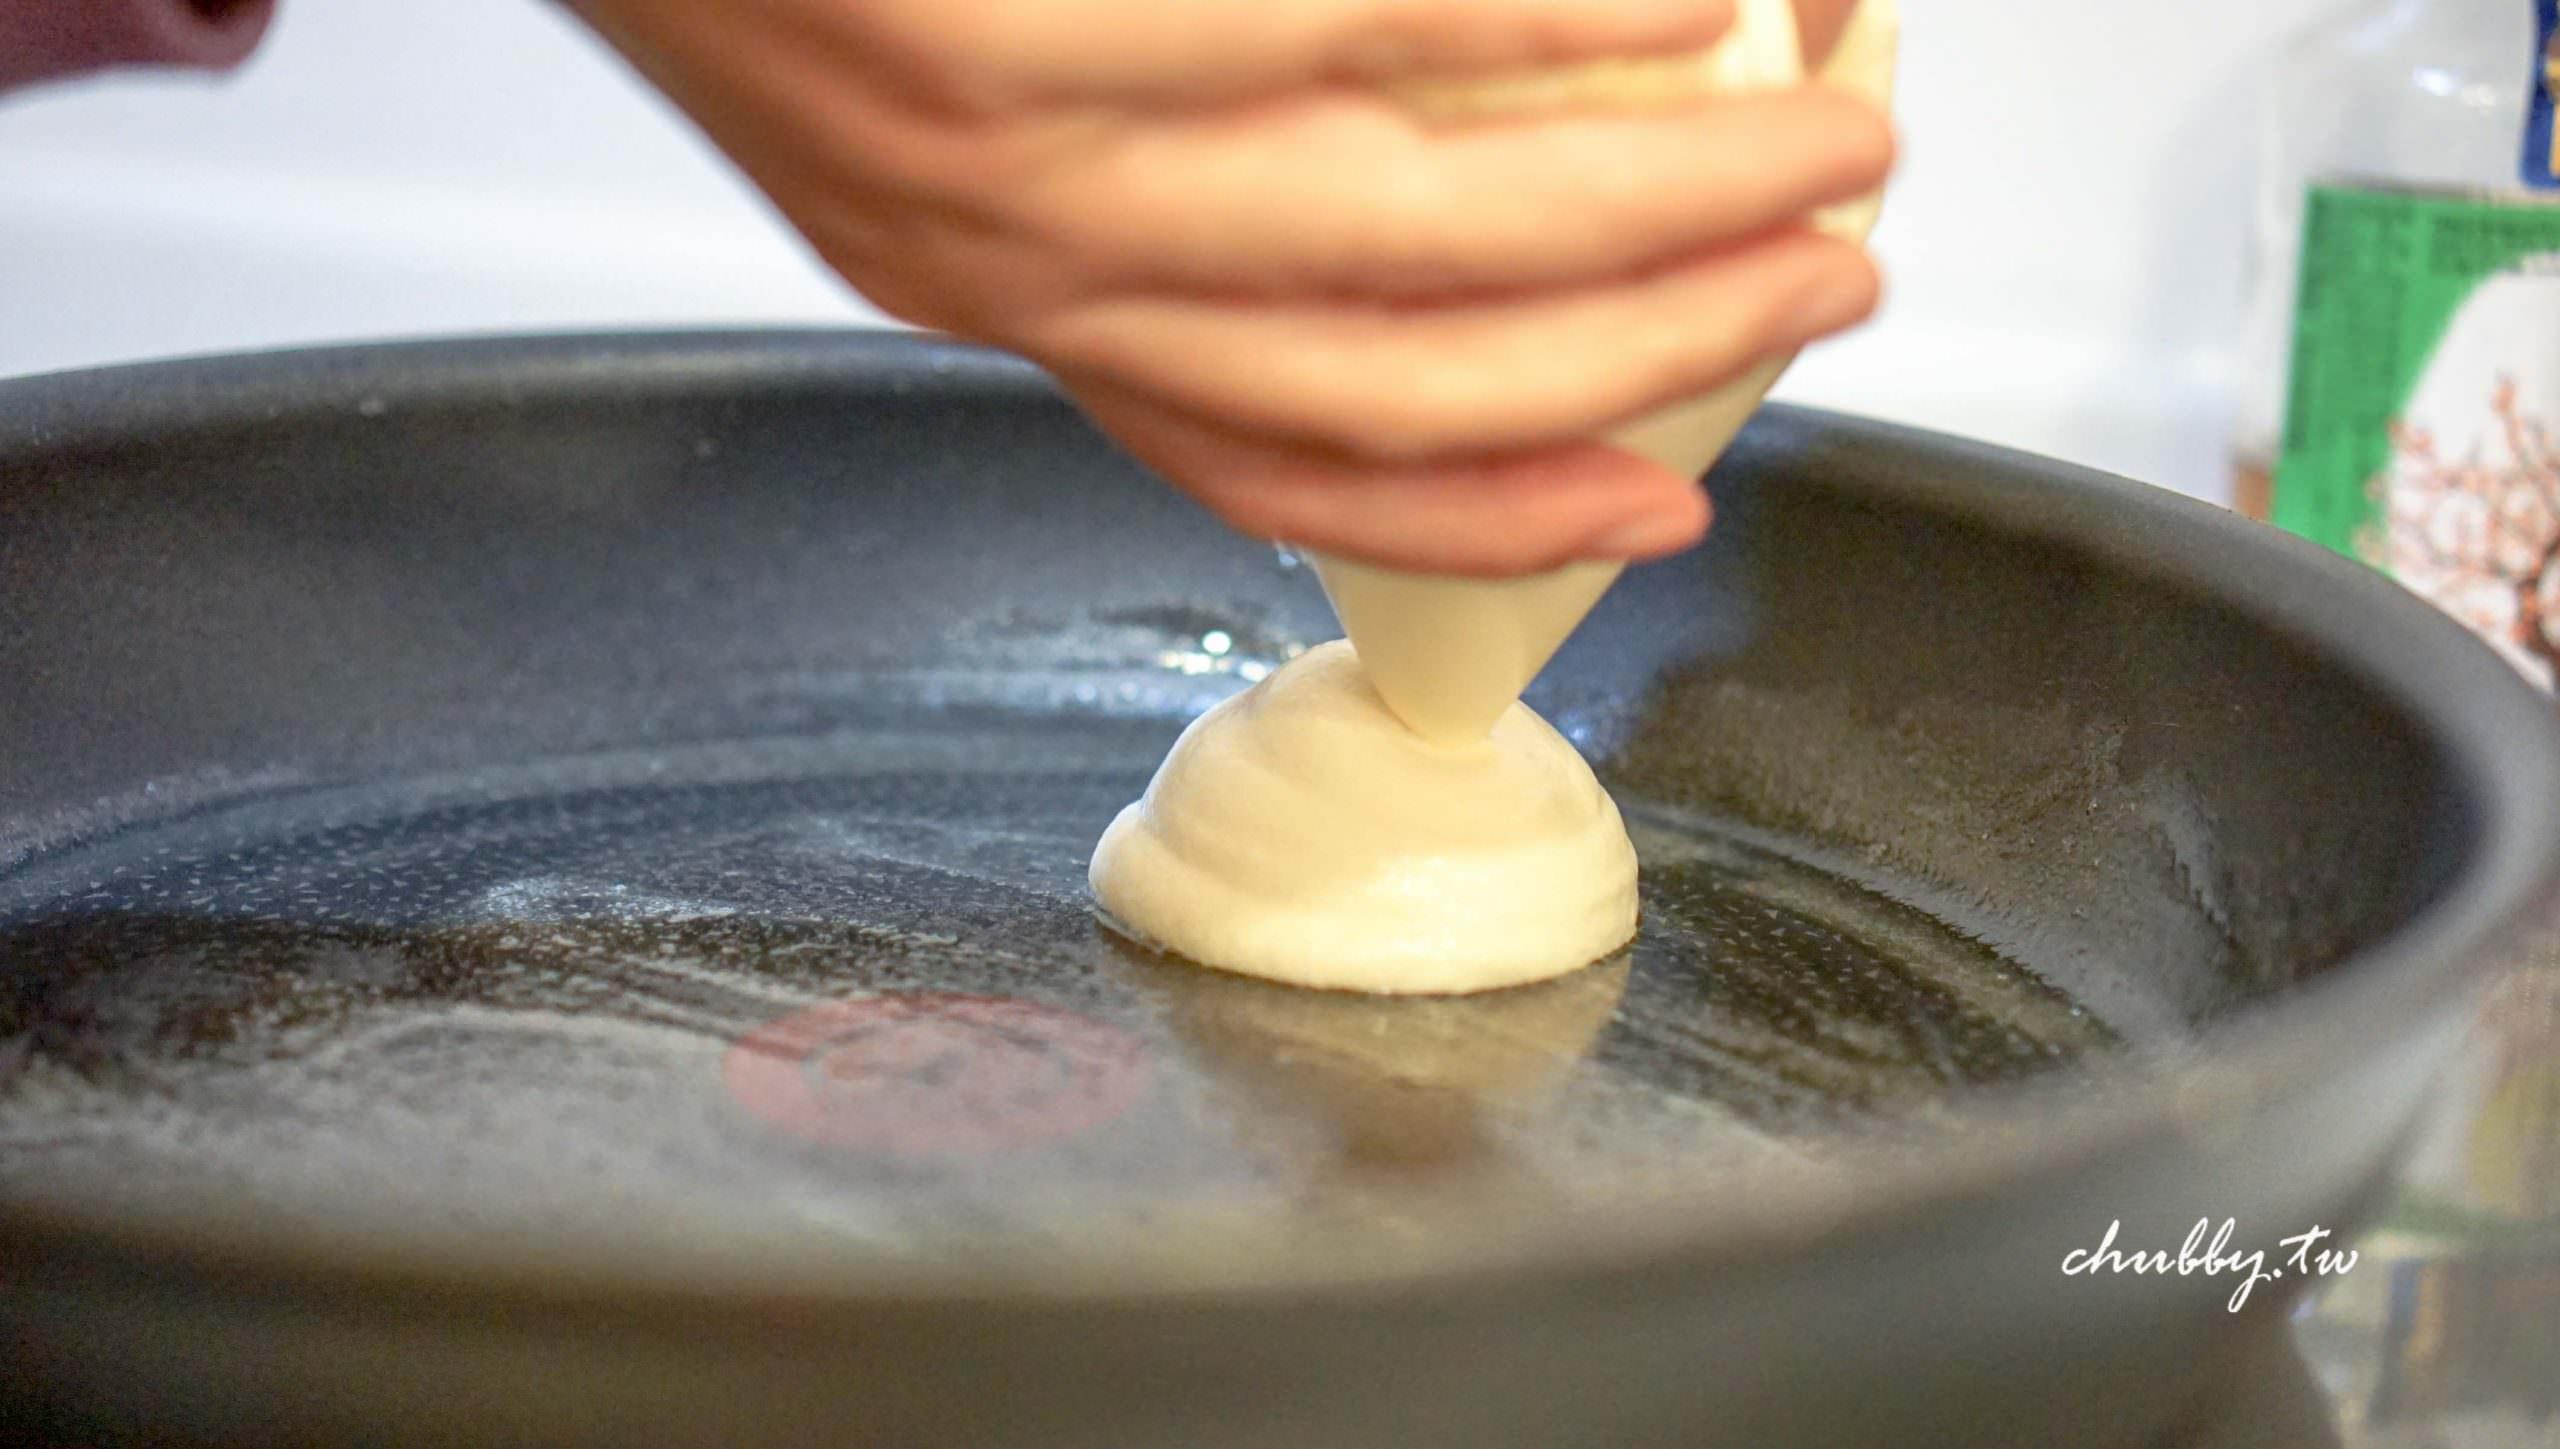 舒芙蕾鬆餅食譜做法│小胖盈的情緒藥膳:給親蜜愛人的一封信  龍眼蜜舒芙蕾鬆餅